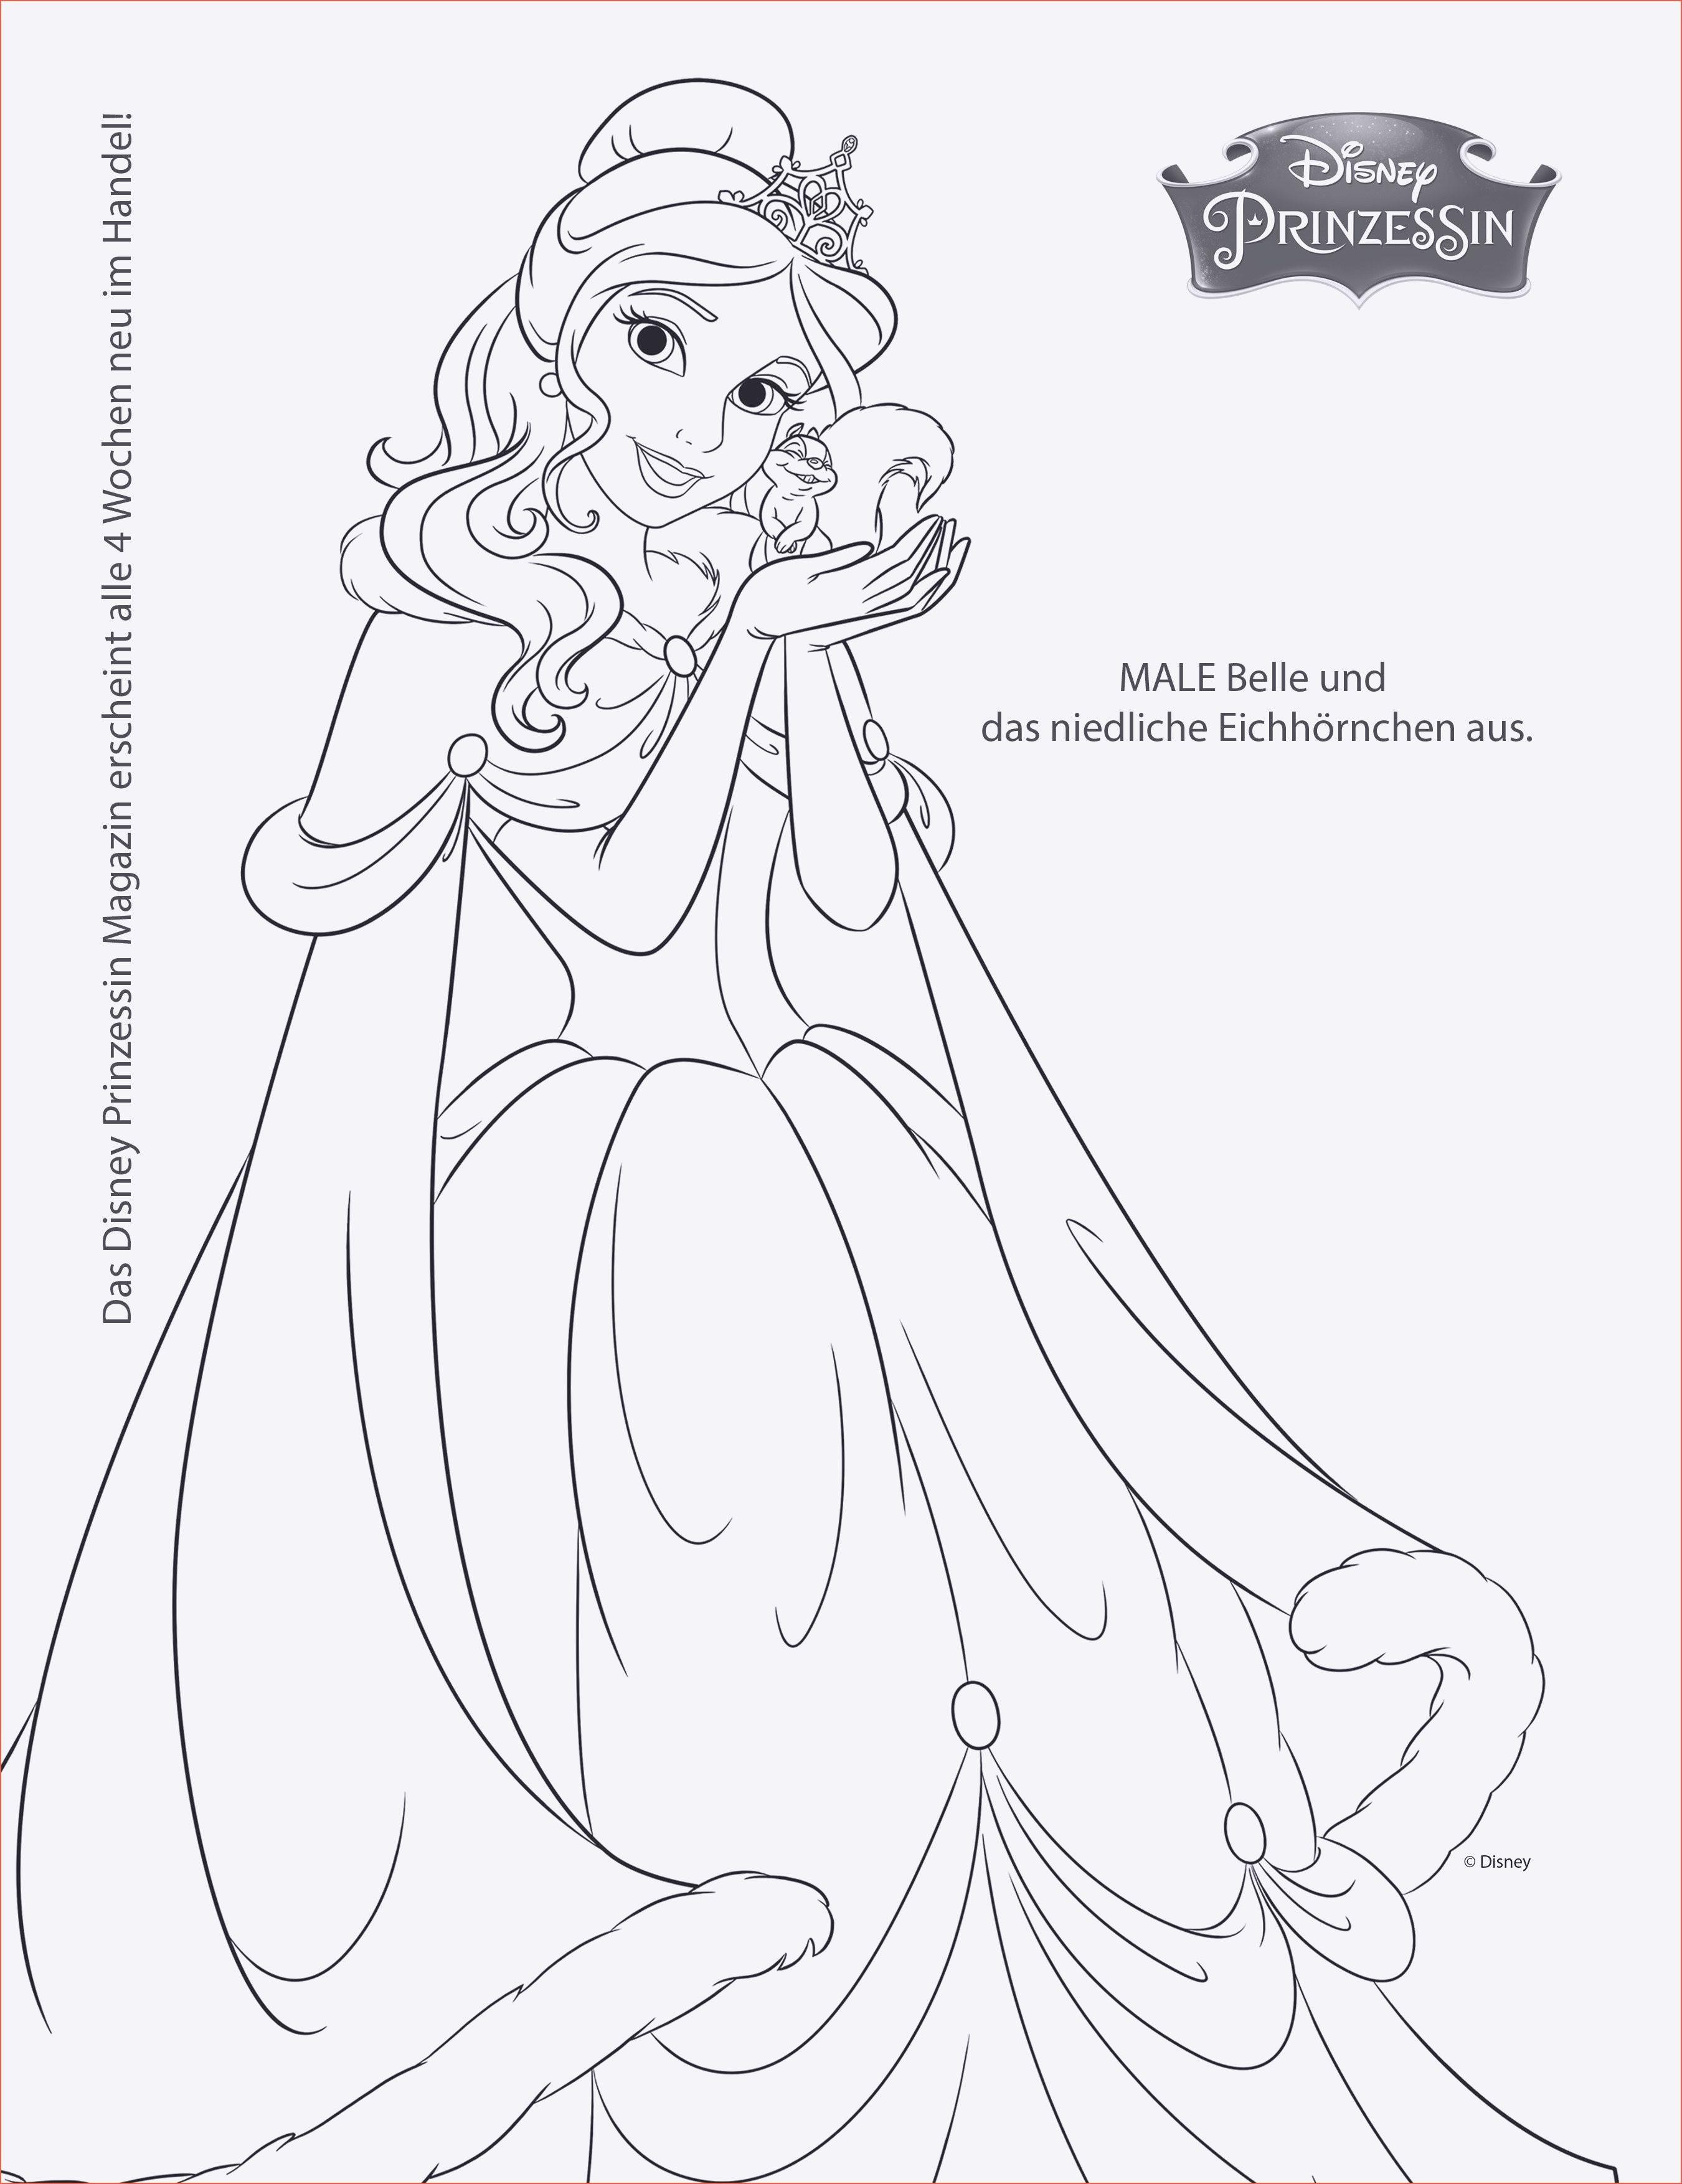 Ausmalbilder Prinzessin Gratis Einzigartig Gratis Malvorlagen Zum Ausdrucken Herz Ausdrucken Kostenlos Ipdd Sammlung